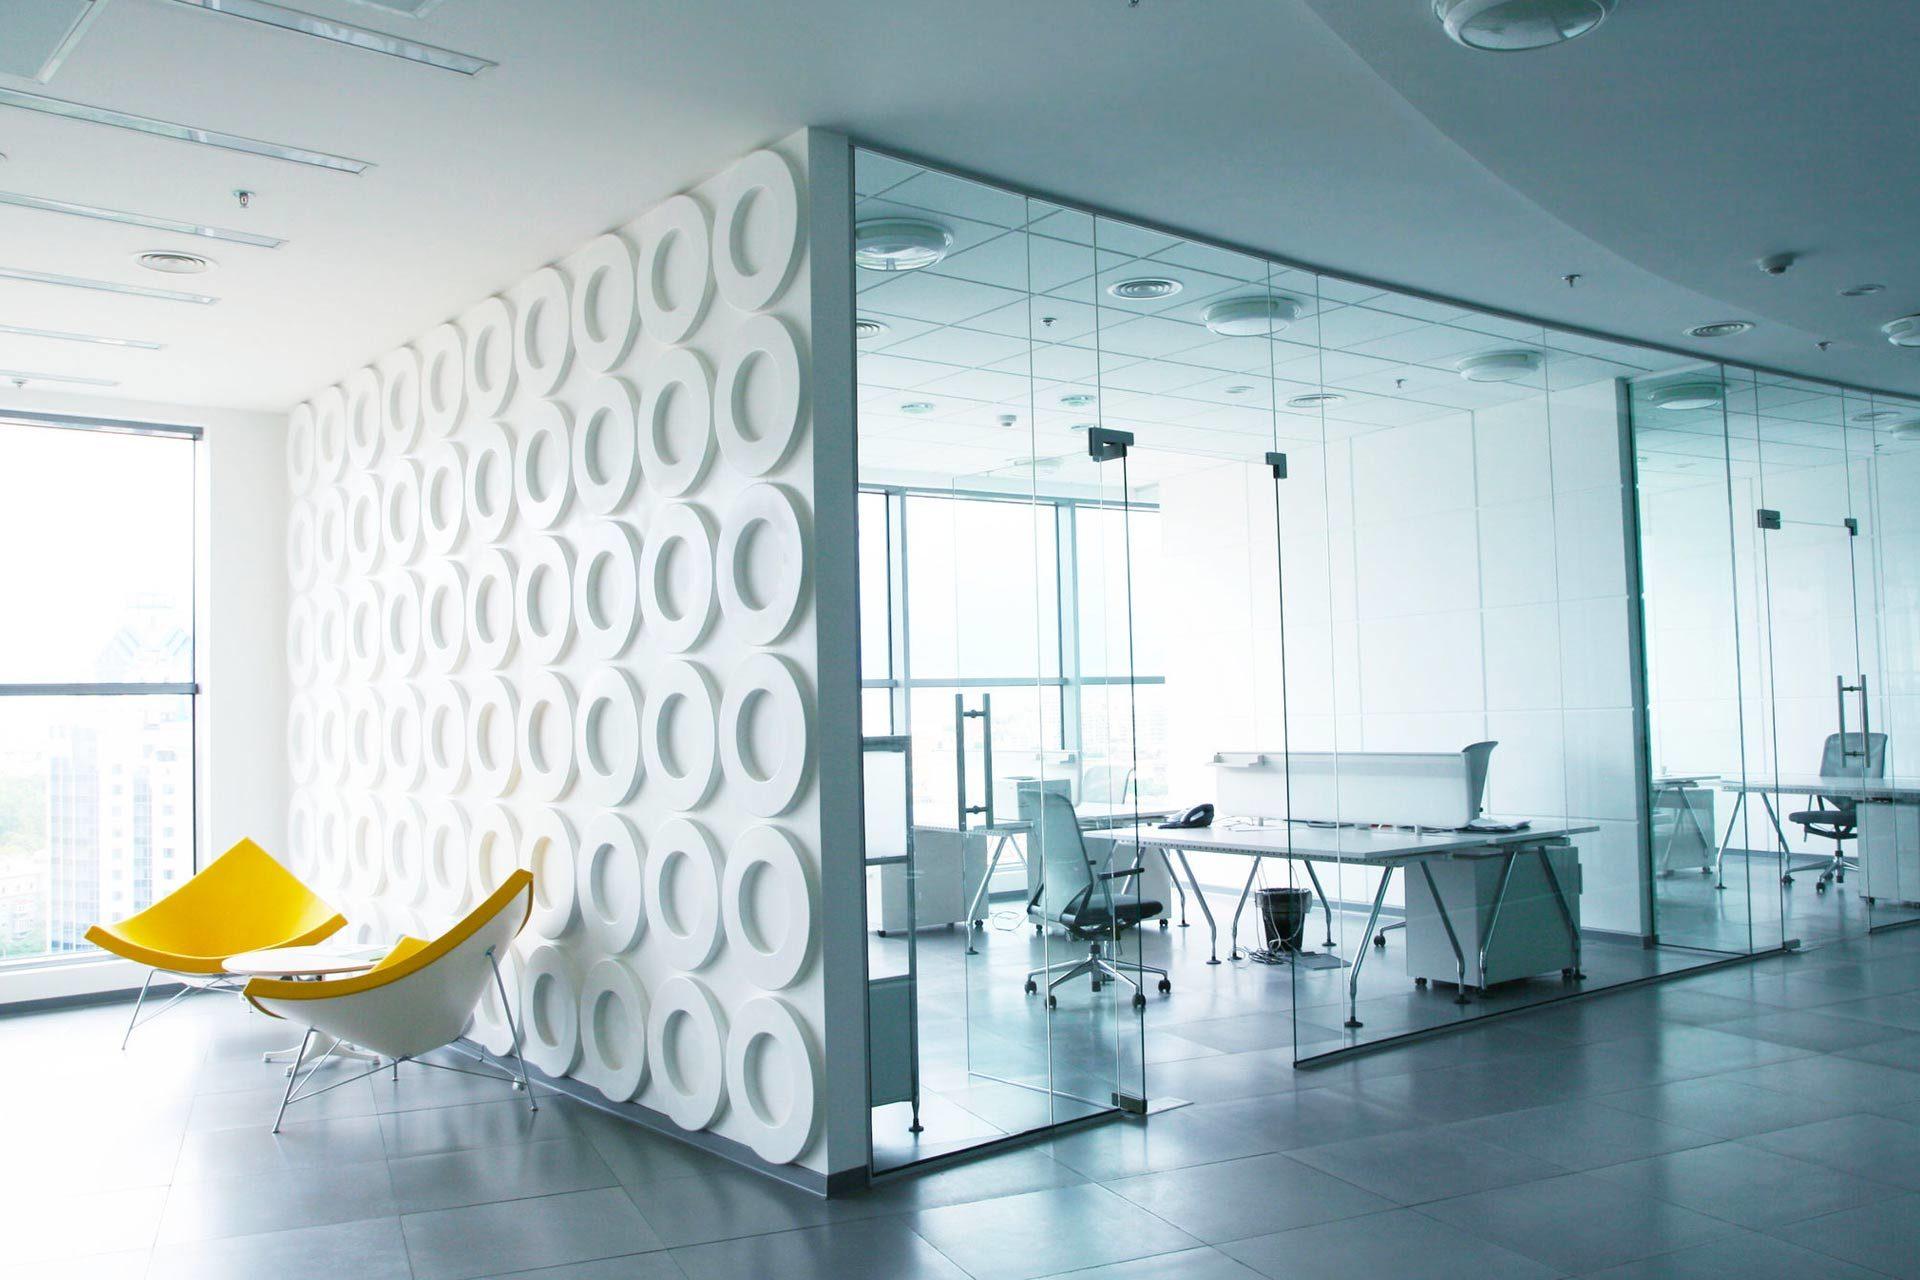 Pareti divisorie: come sfruttare gli spazi in modo efficace